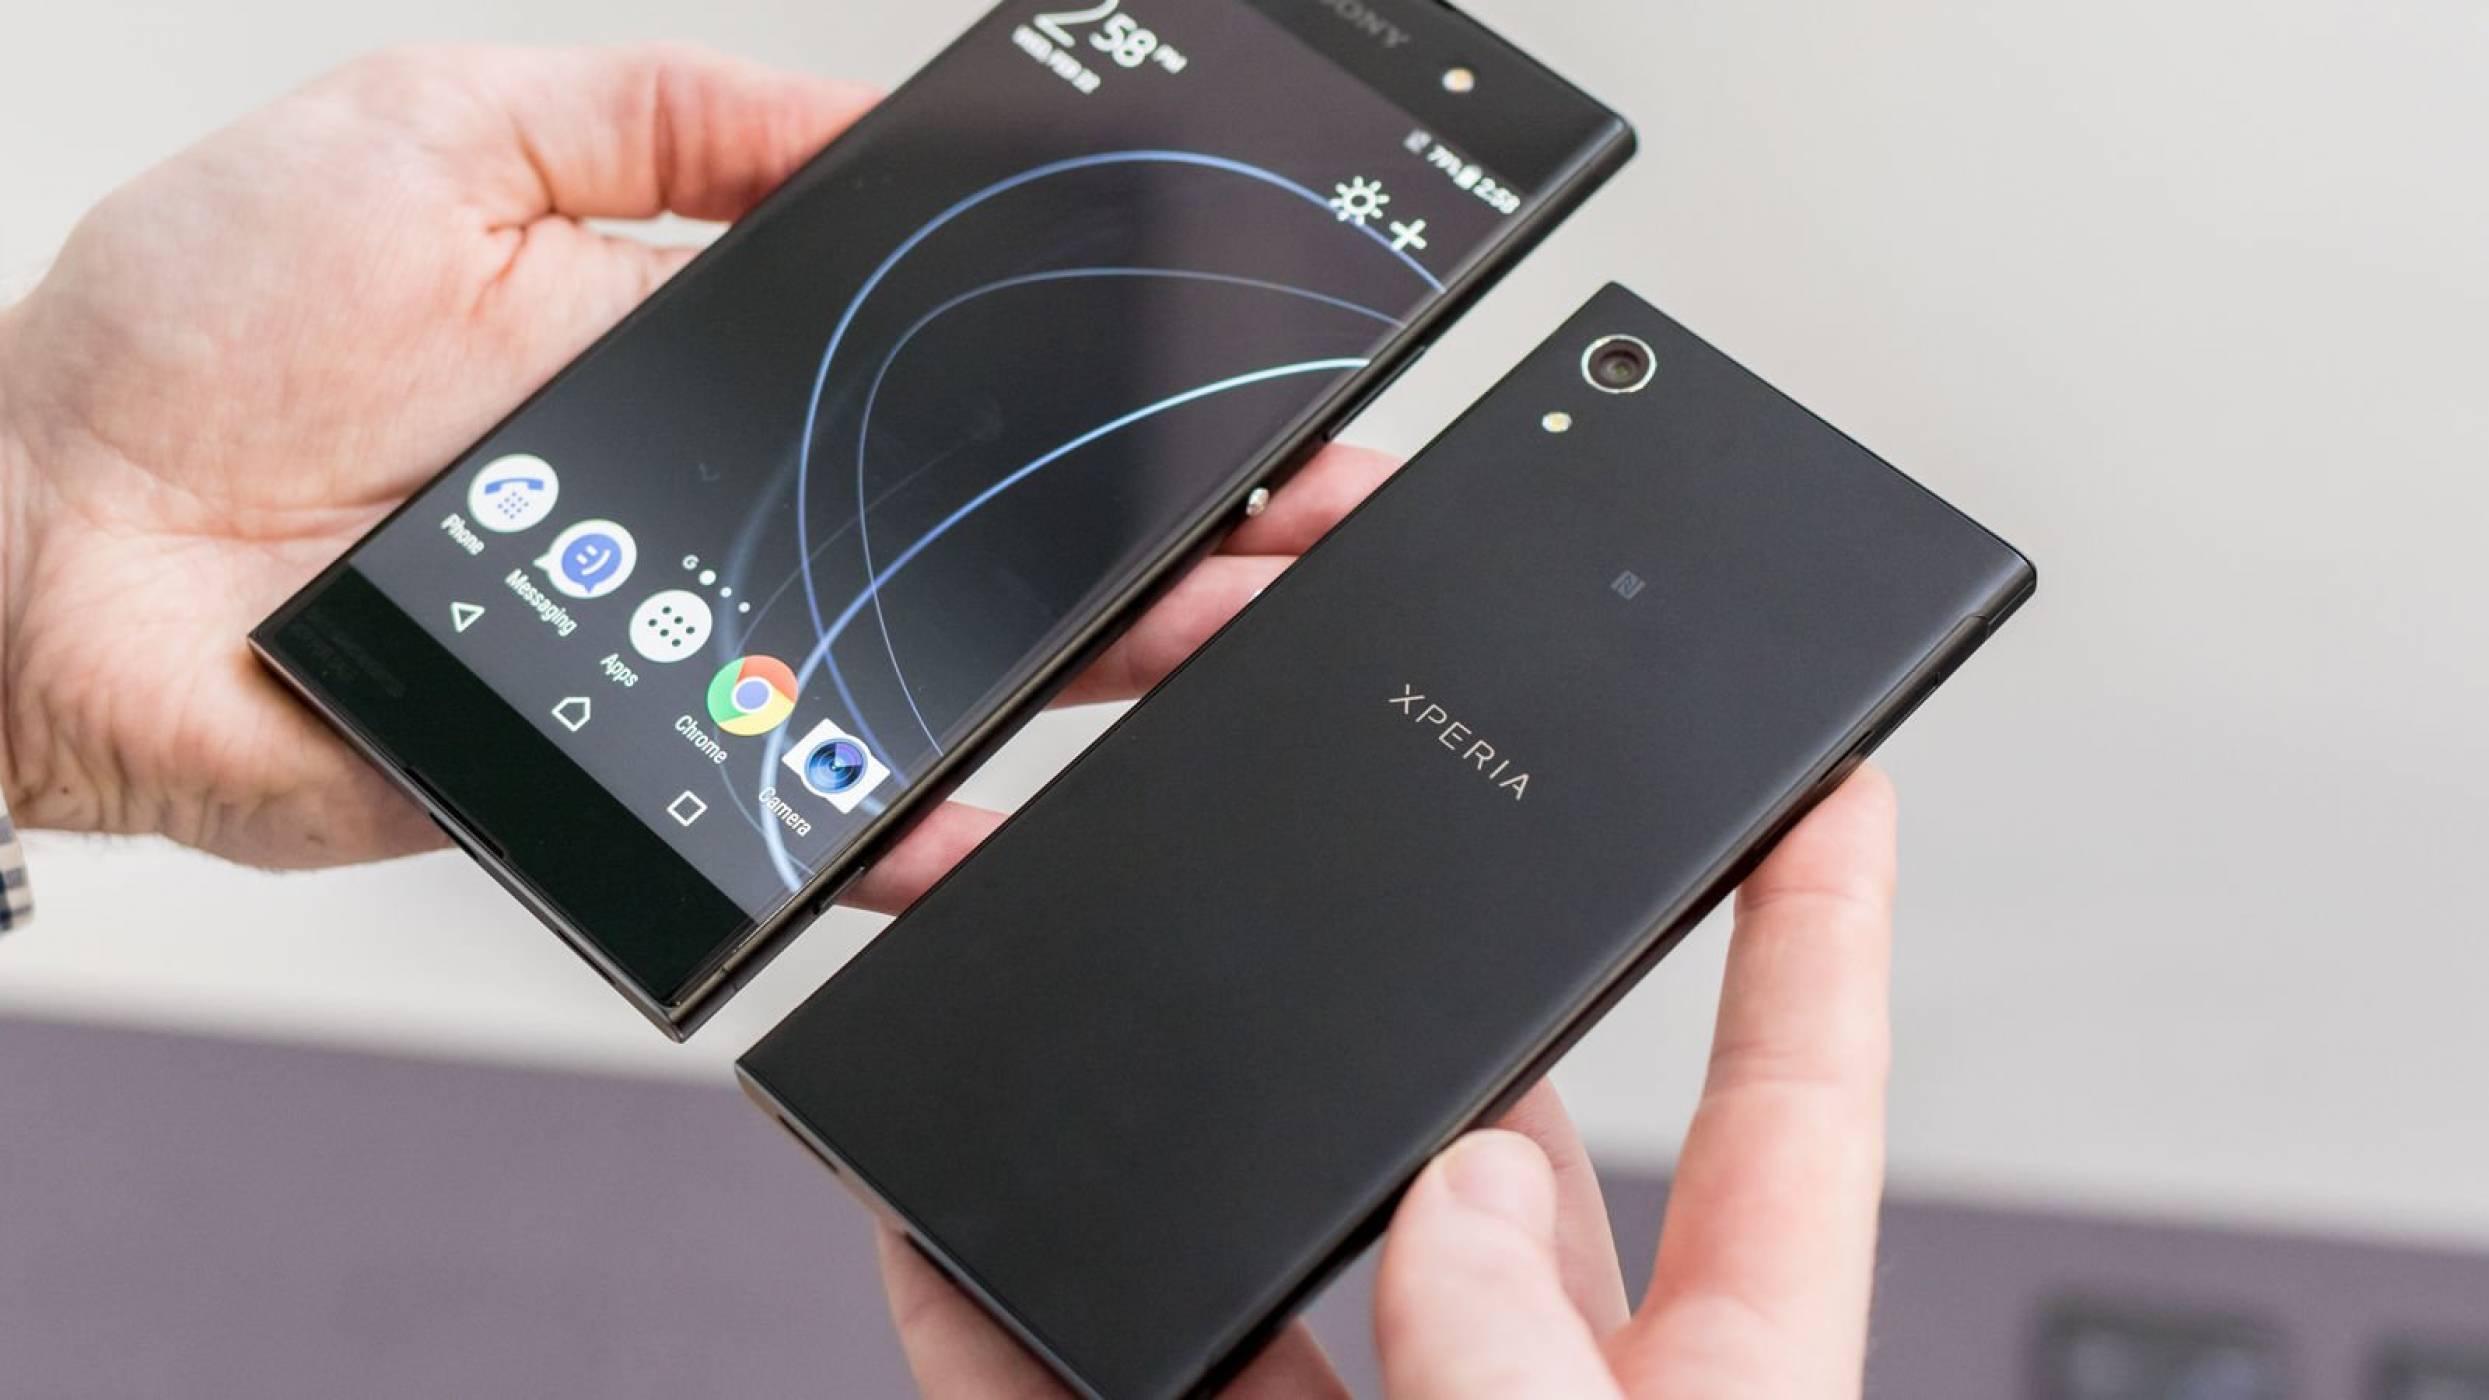 Предварителните поръчки на Sony Xperia XZ Premium започват следващата седмица, цената е 749 евро